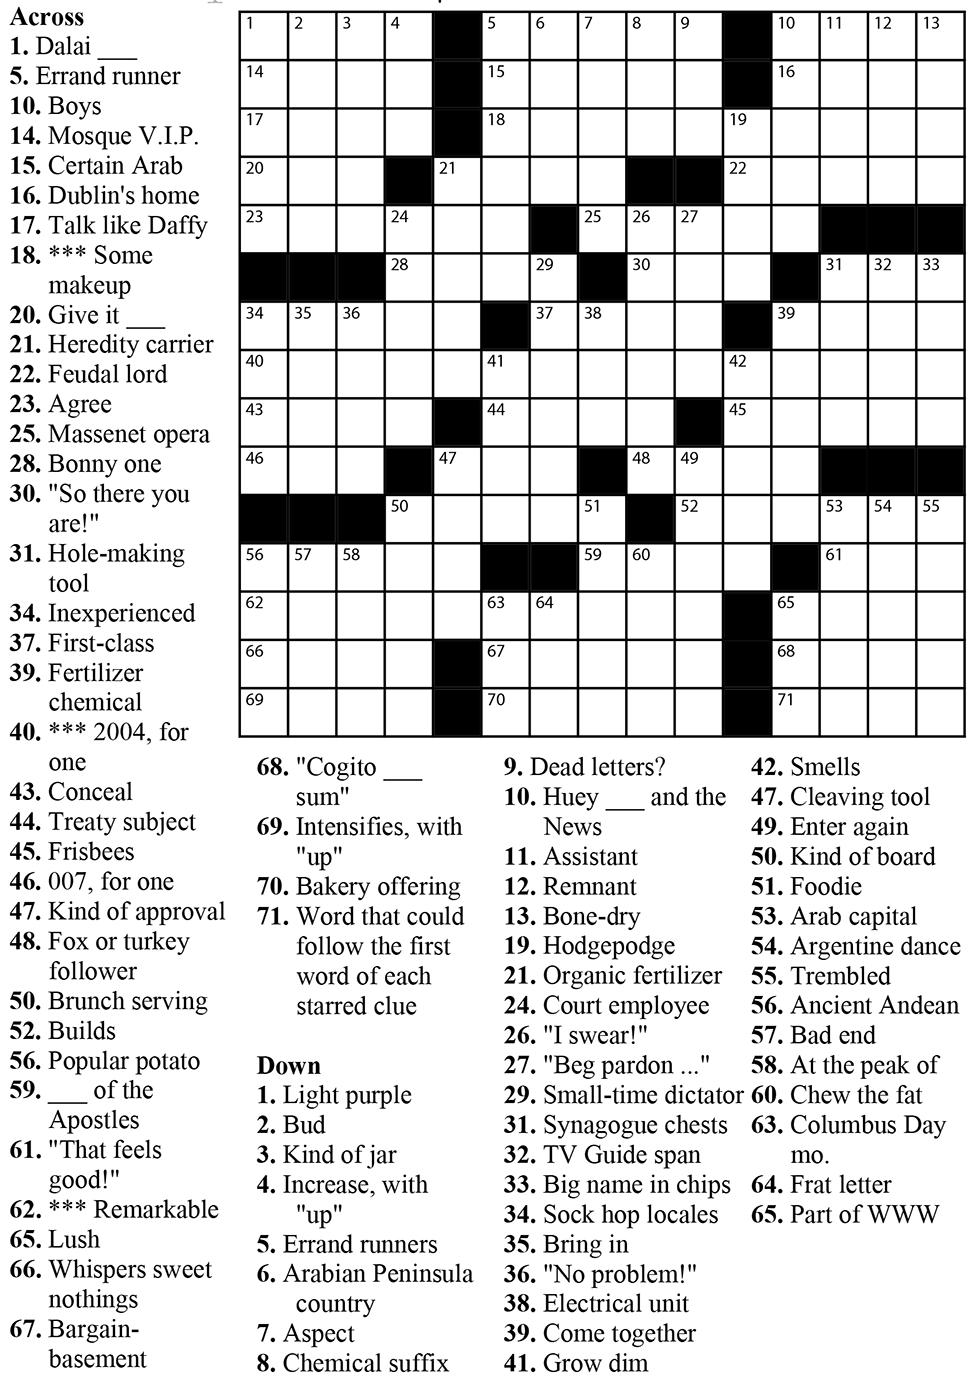 crossword2.png